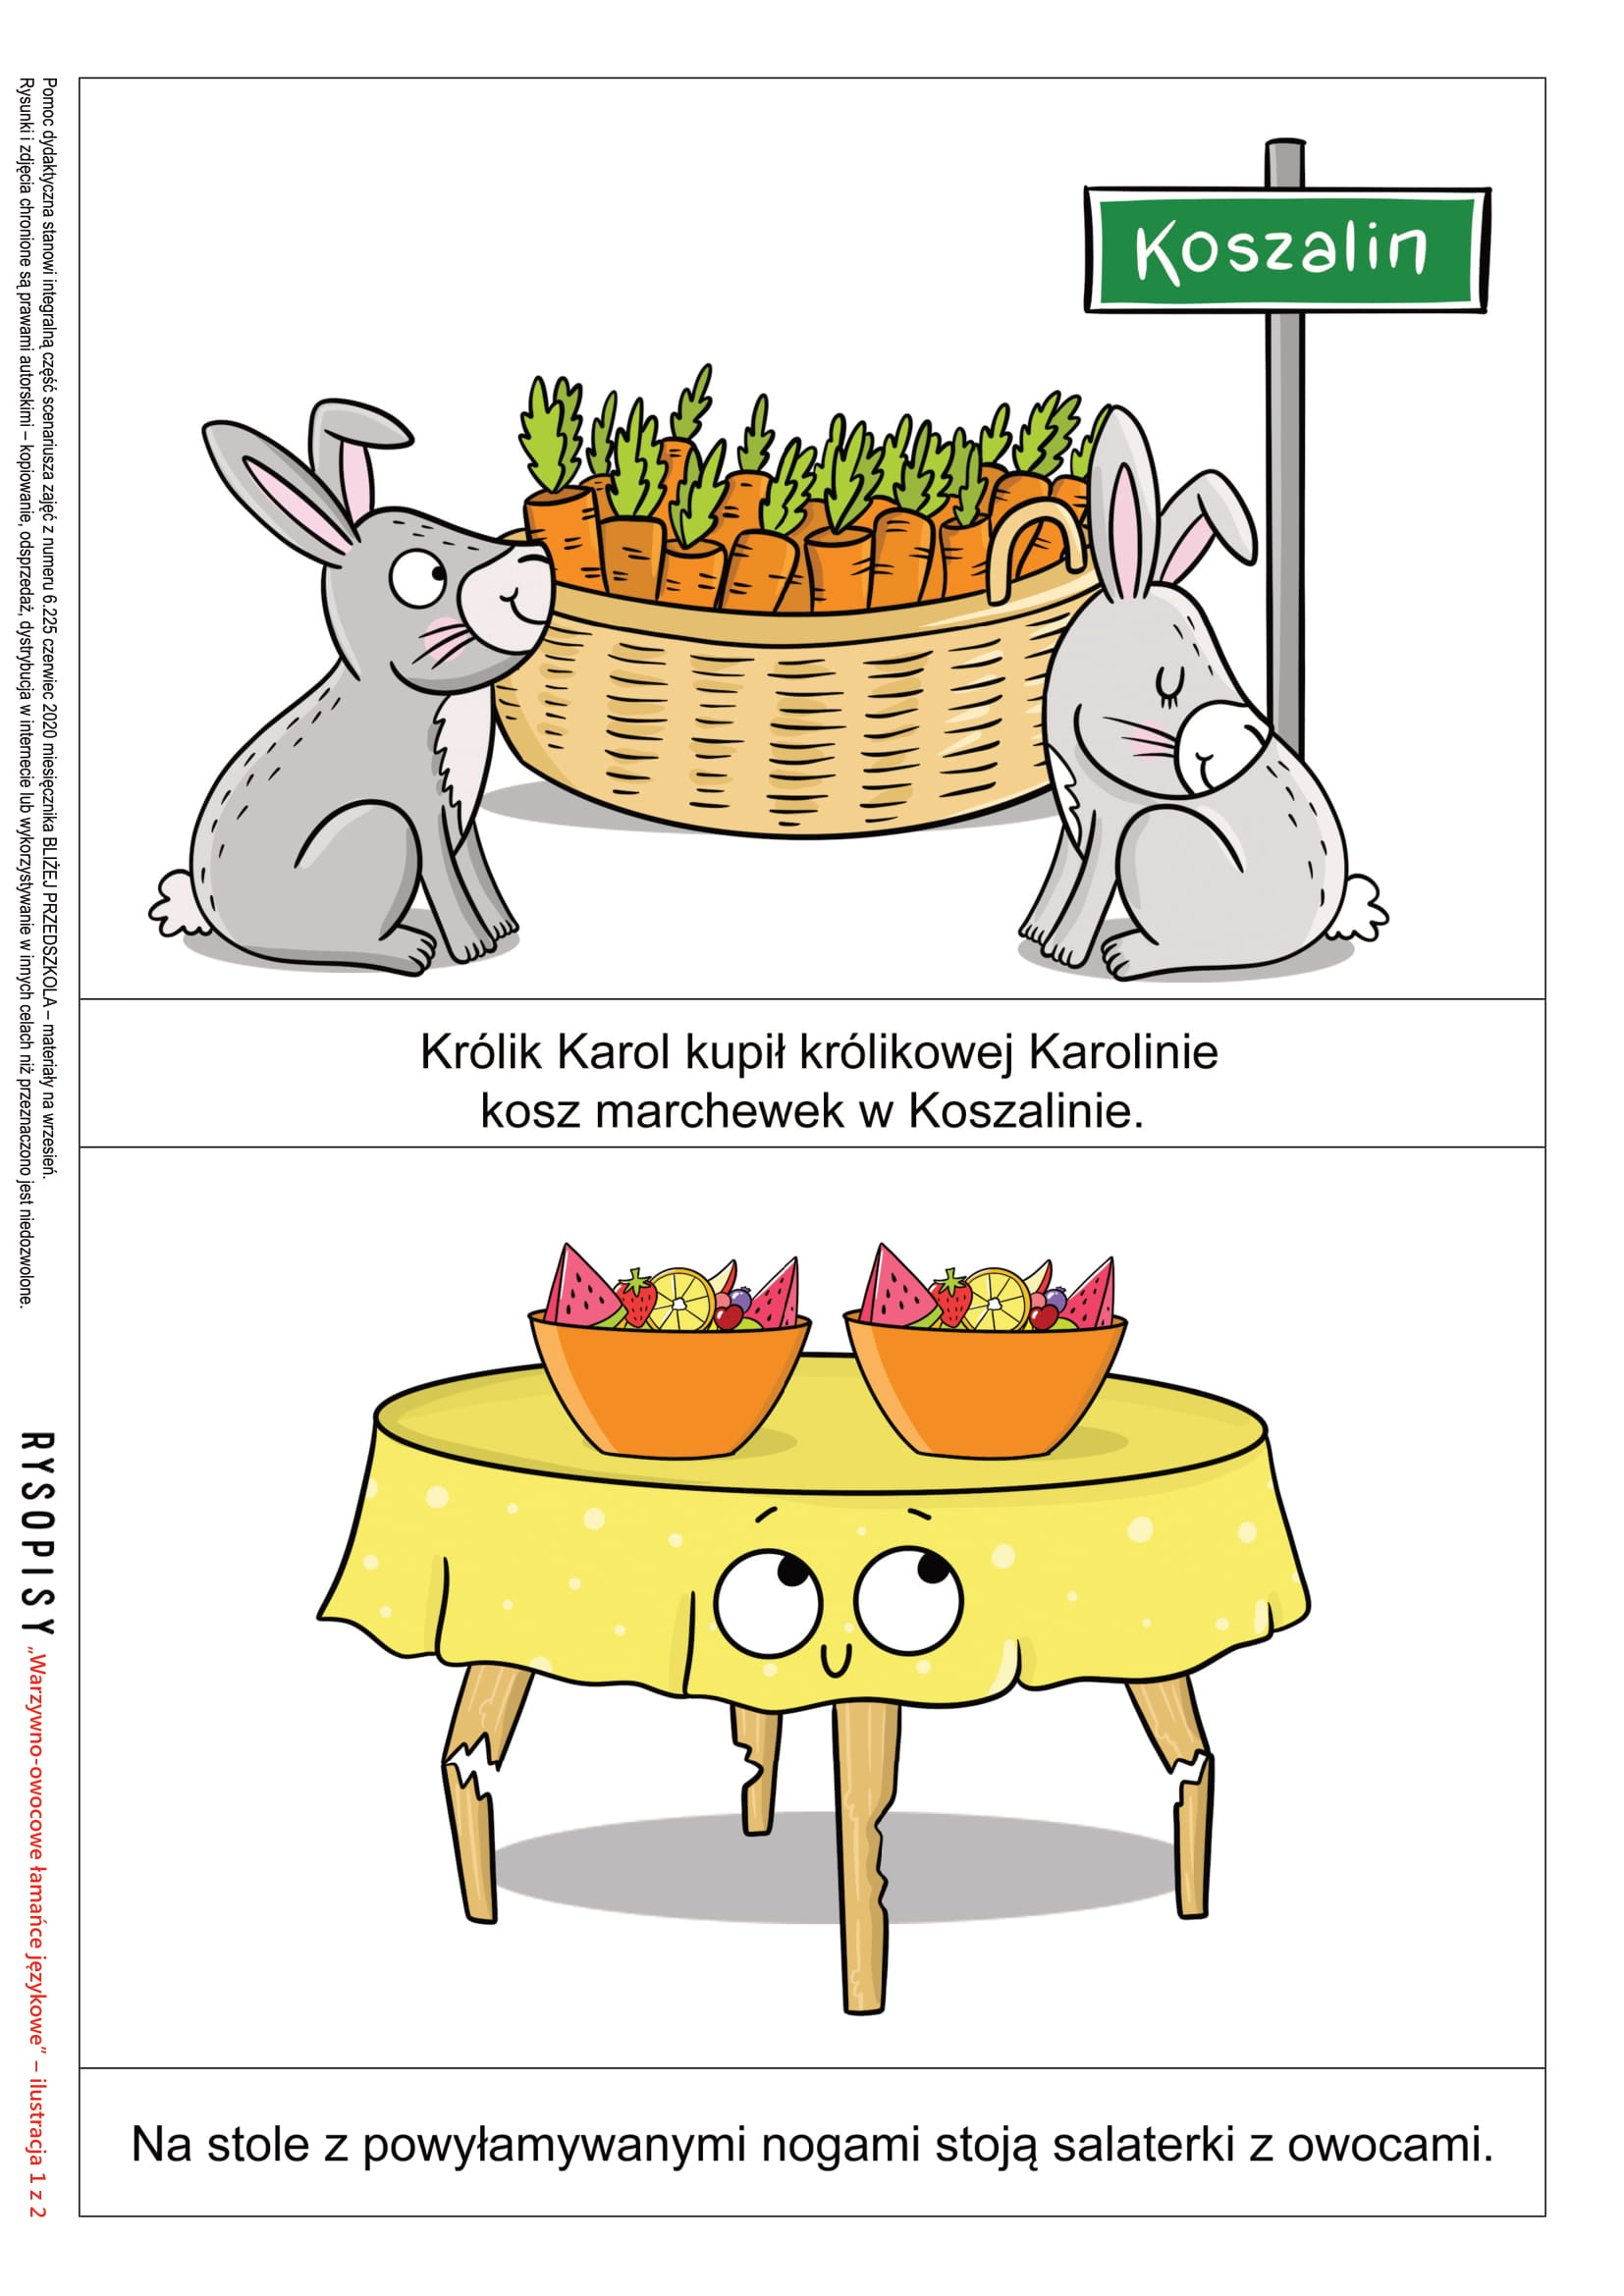 warzywno-owocowe-cwiczenia-na-poprawna-mowe-pd-225-1240-07